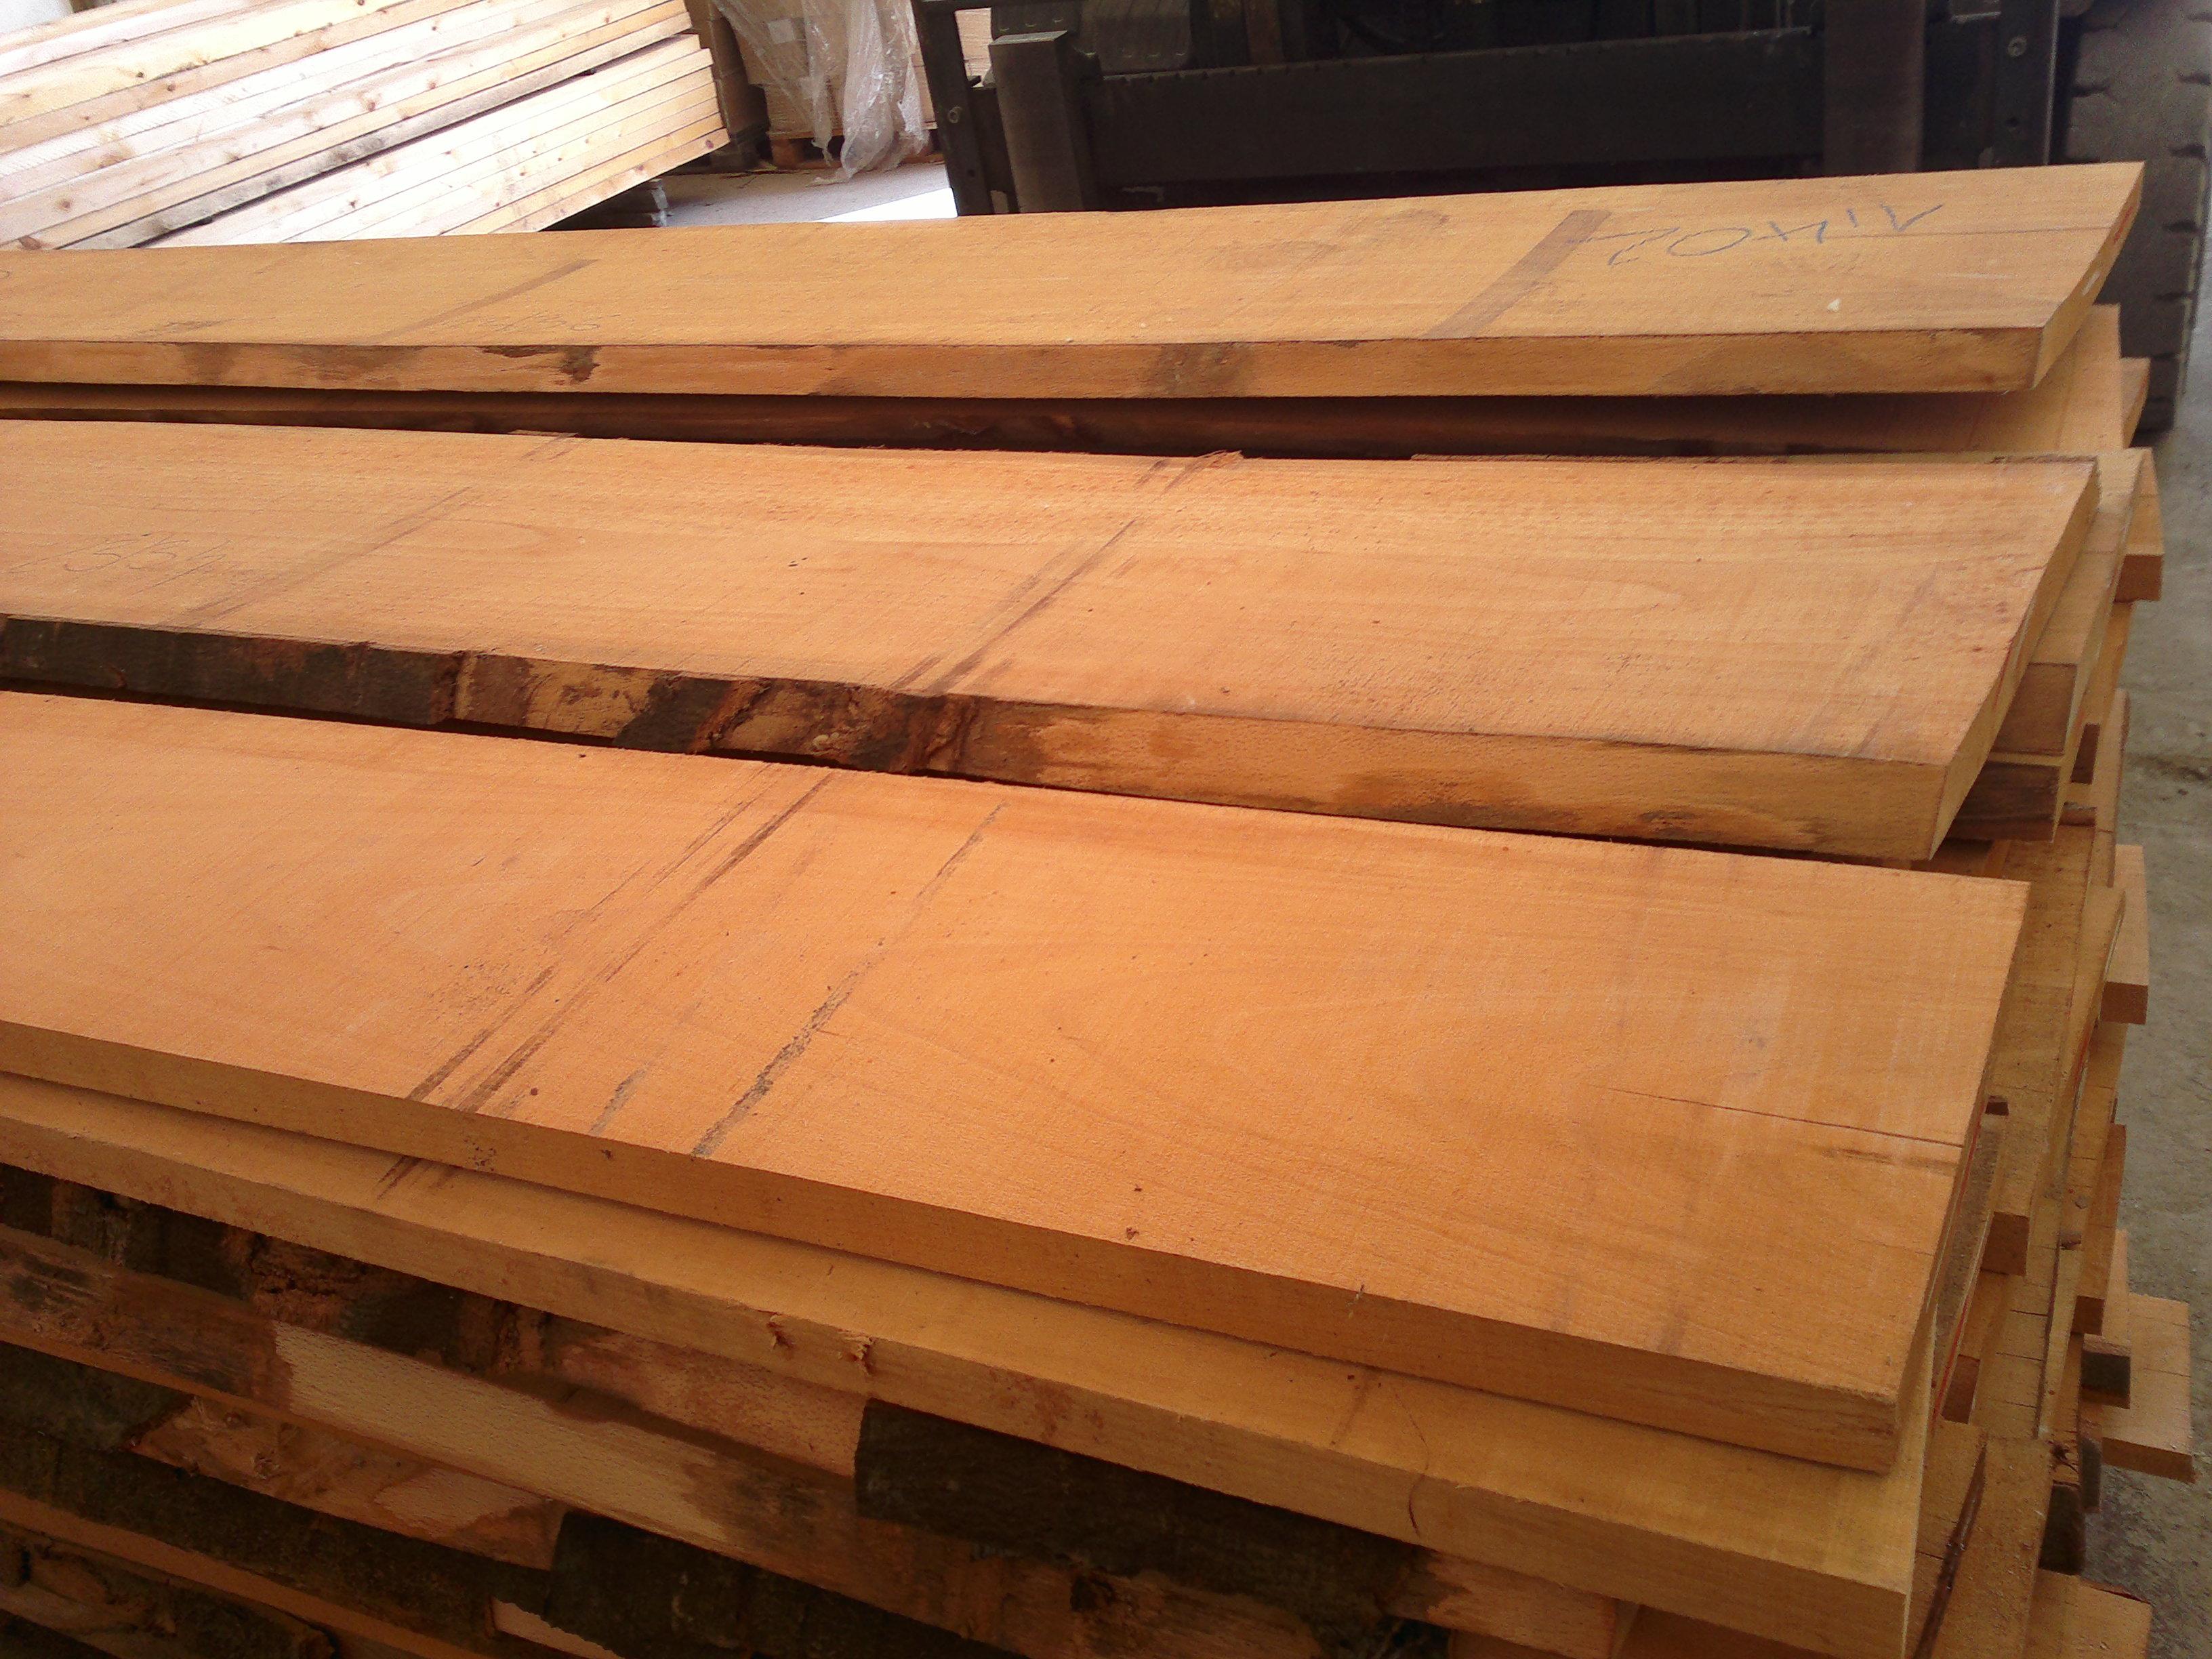 Fűrészáru Zalaegerszeg, építő faanyagok, tetőfedő anyagok